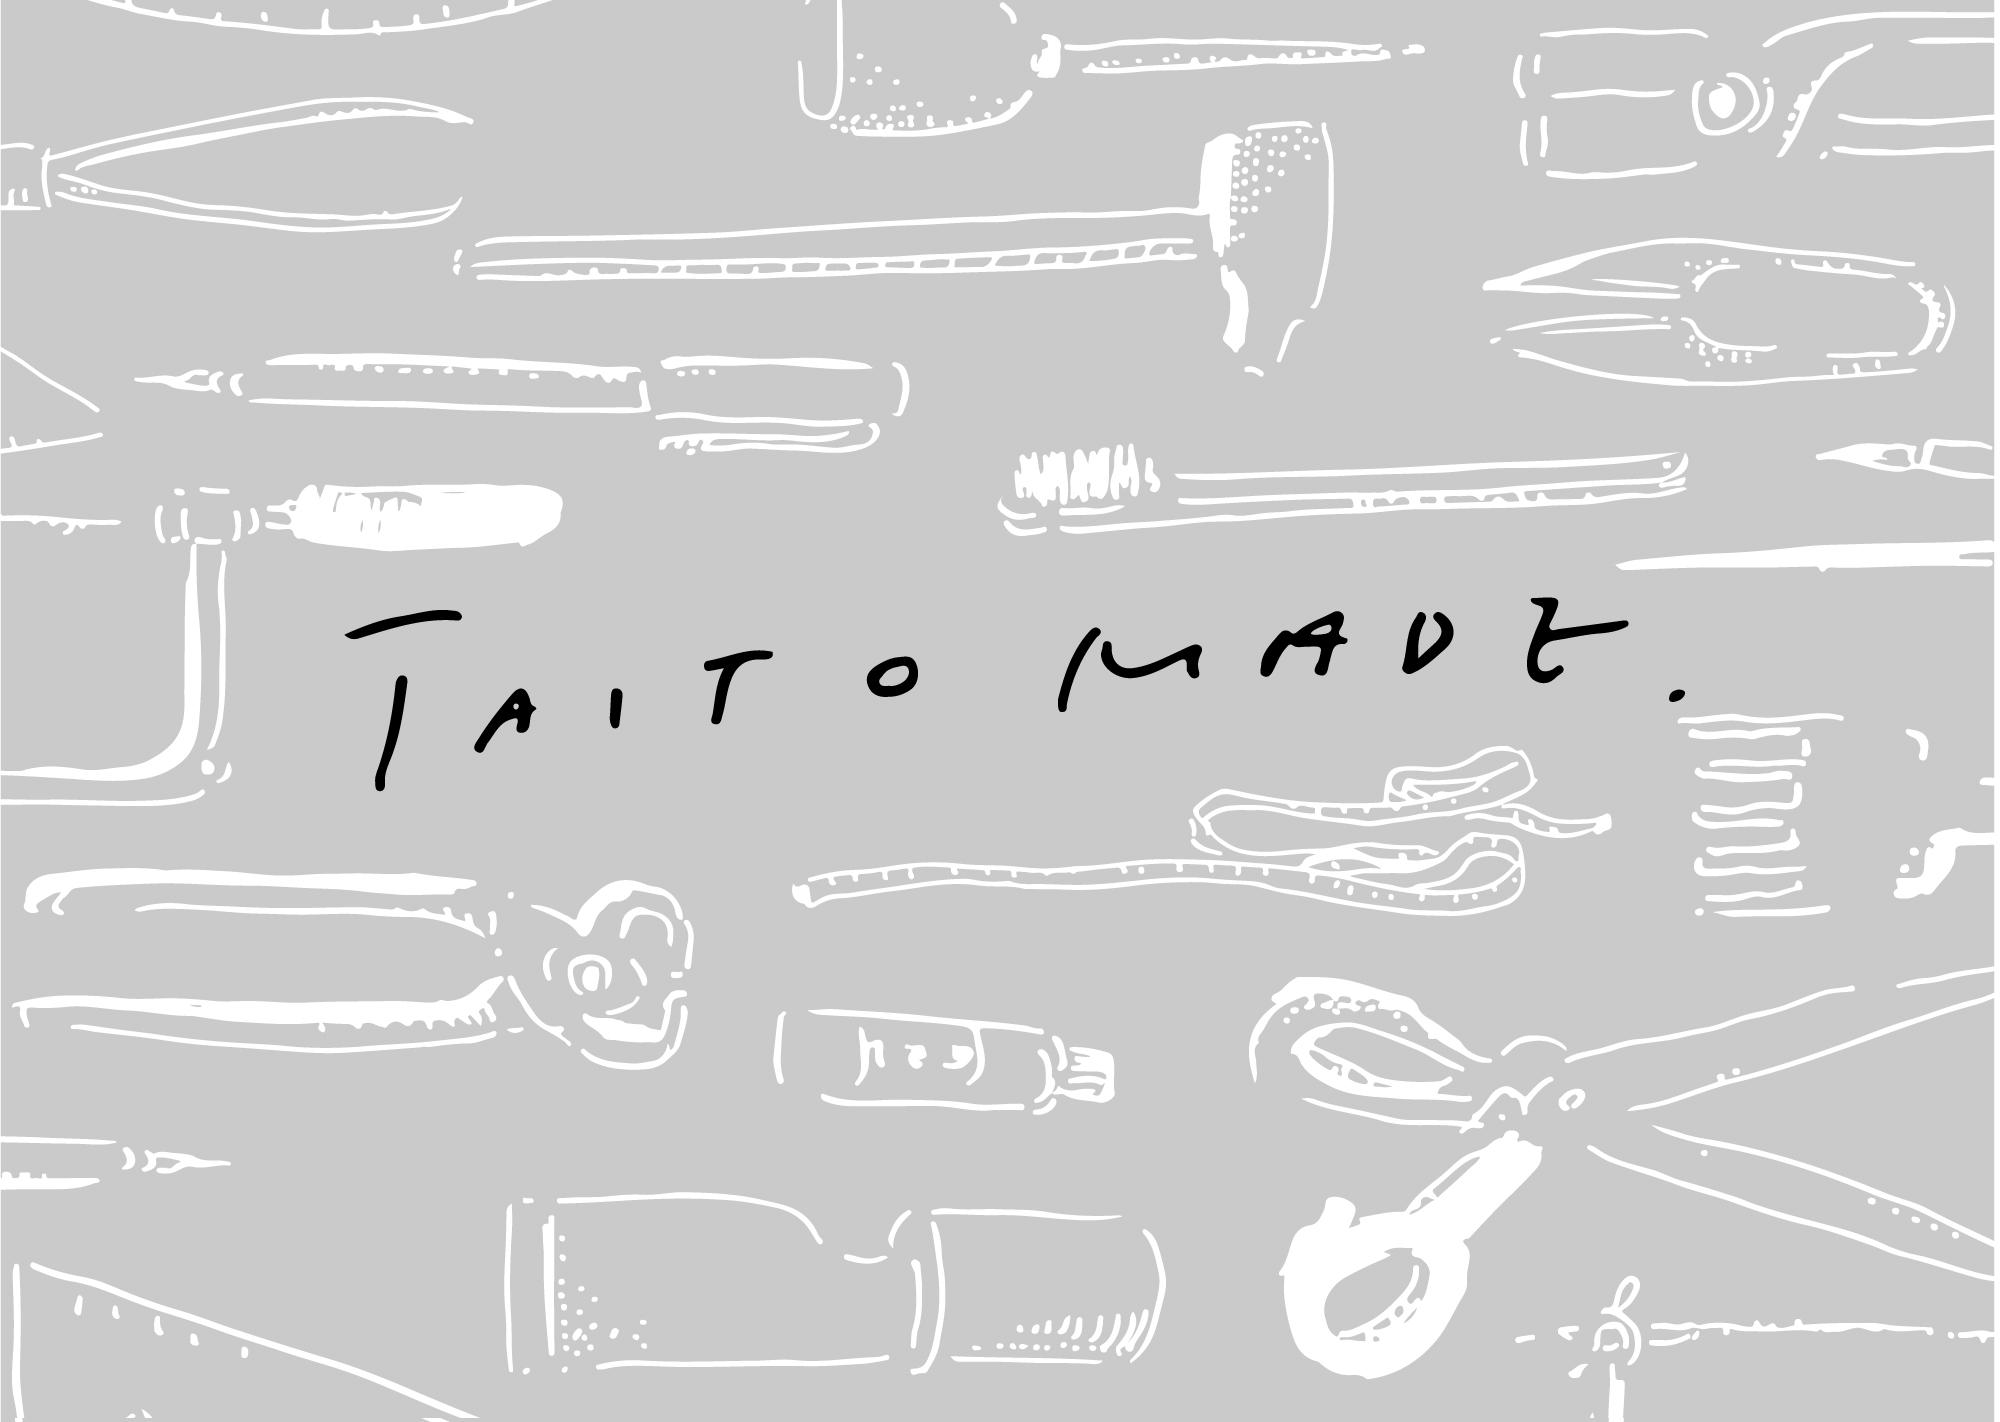 TAITO-MADE